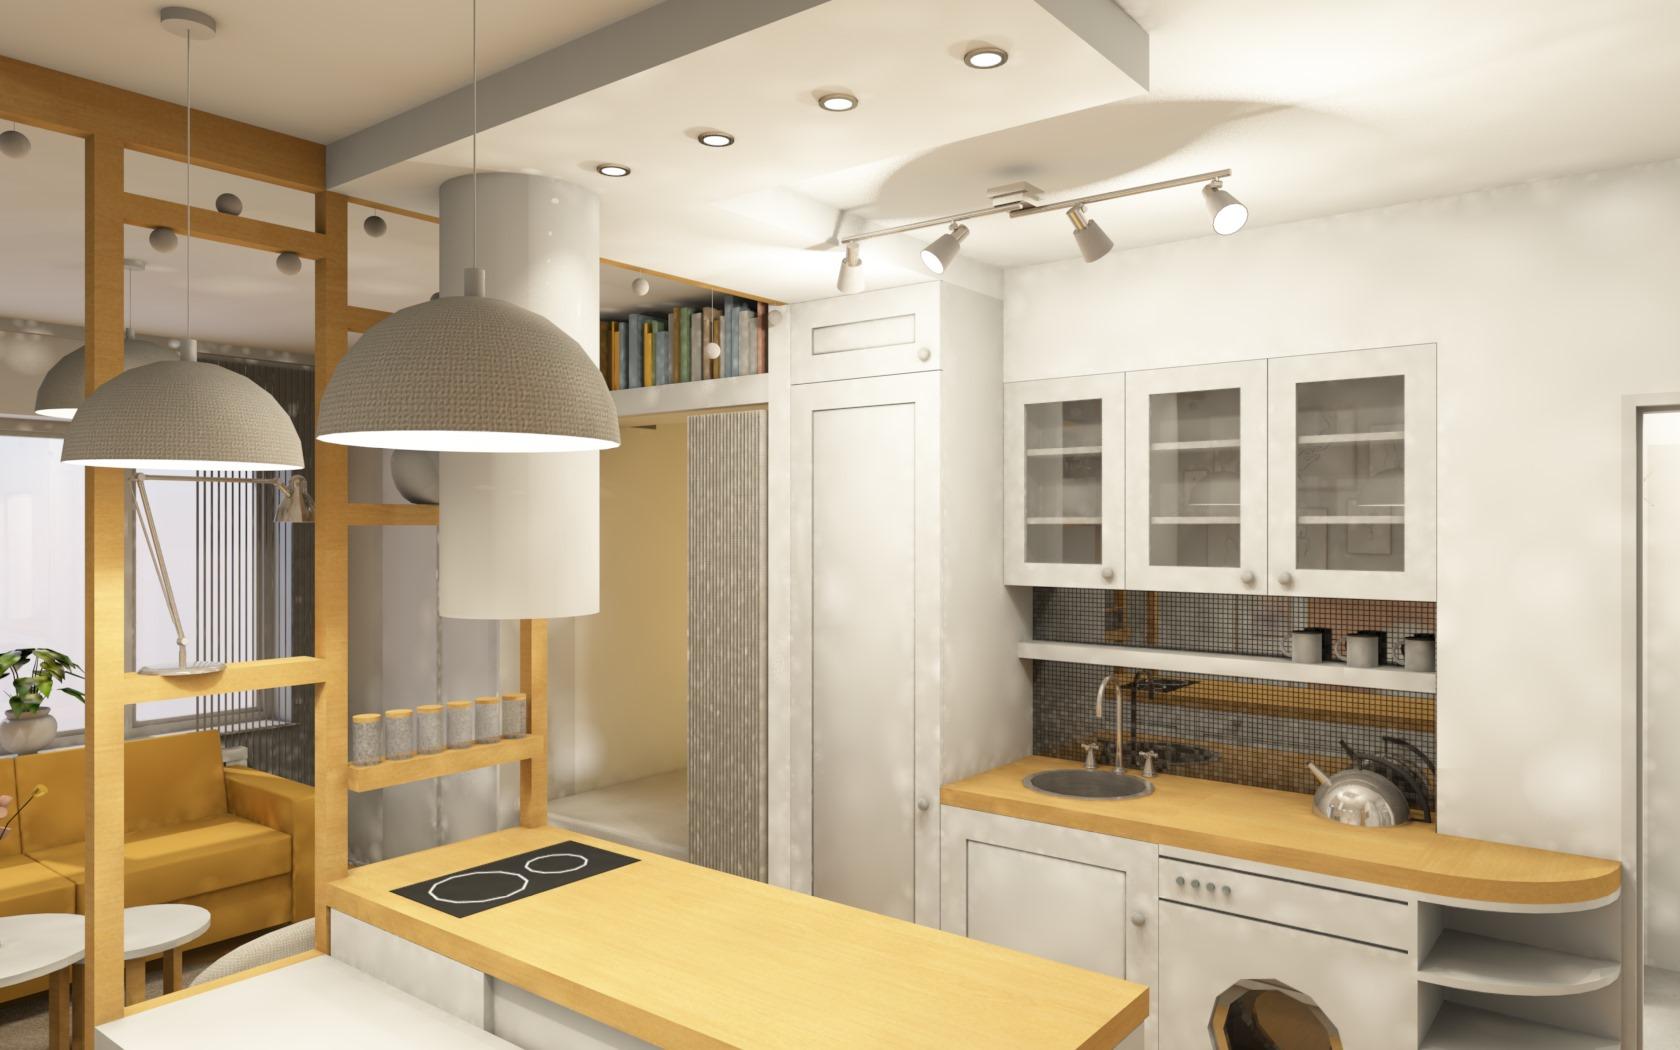 Návrh interiéru garsonky 4